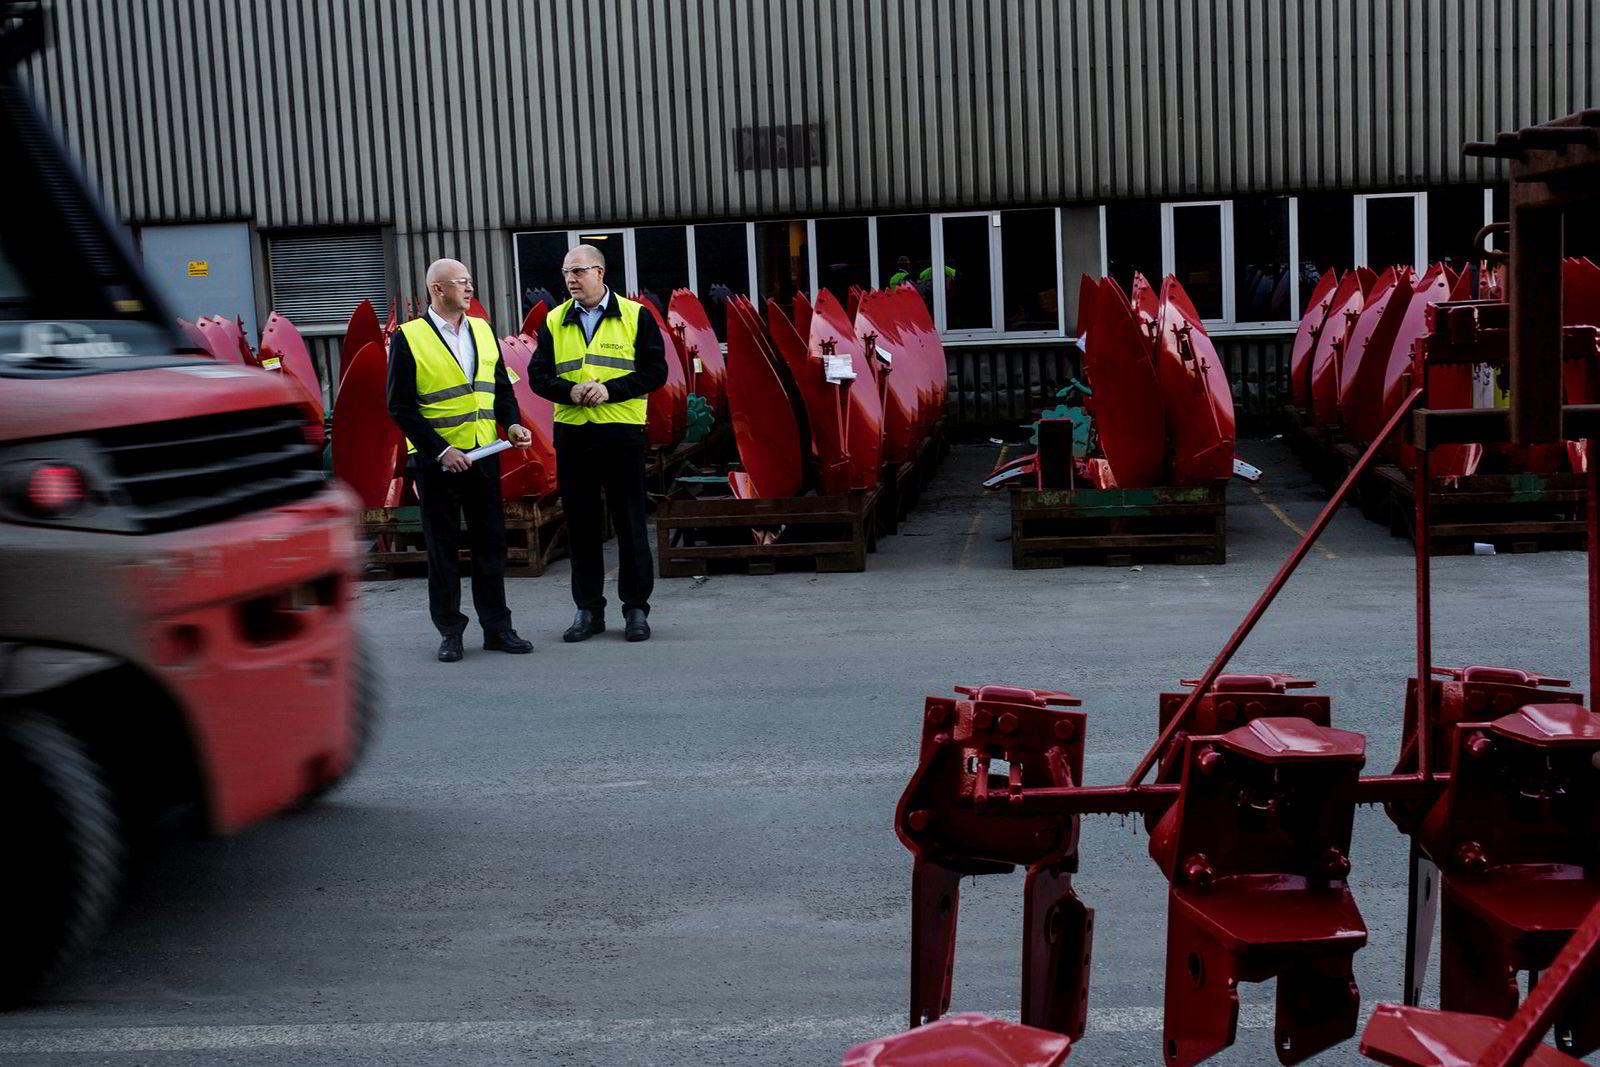 Administrerende direktør i Kverneland Group Magne Svendsen (til venstre) og produksjonsdirektør John Karstein Tønnessen ser på de ferdige plogene som skal sendes til kunder. Selskapet kjøper nå tilbake sin egen fabrikk.